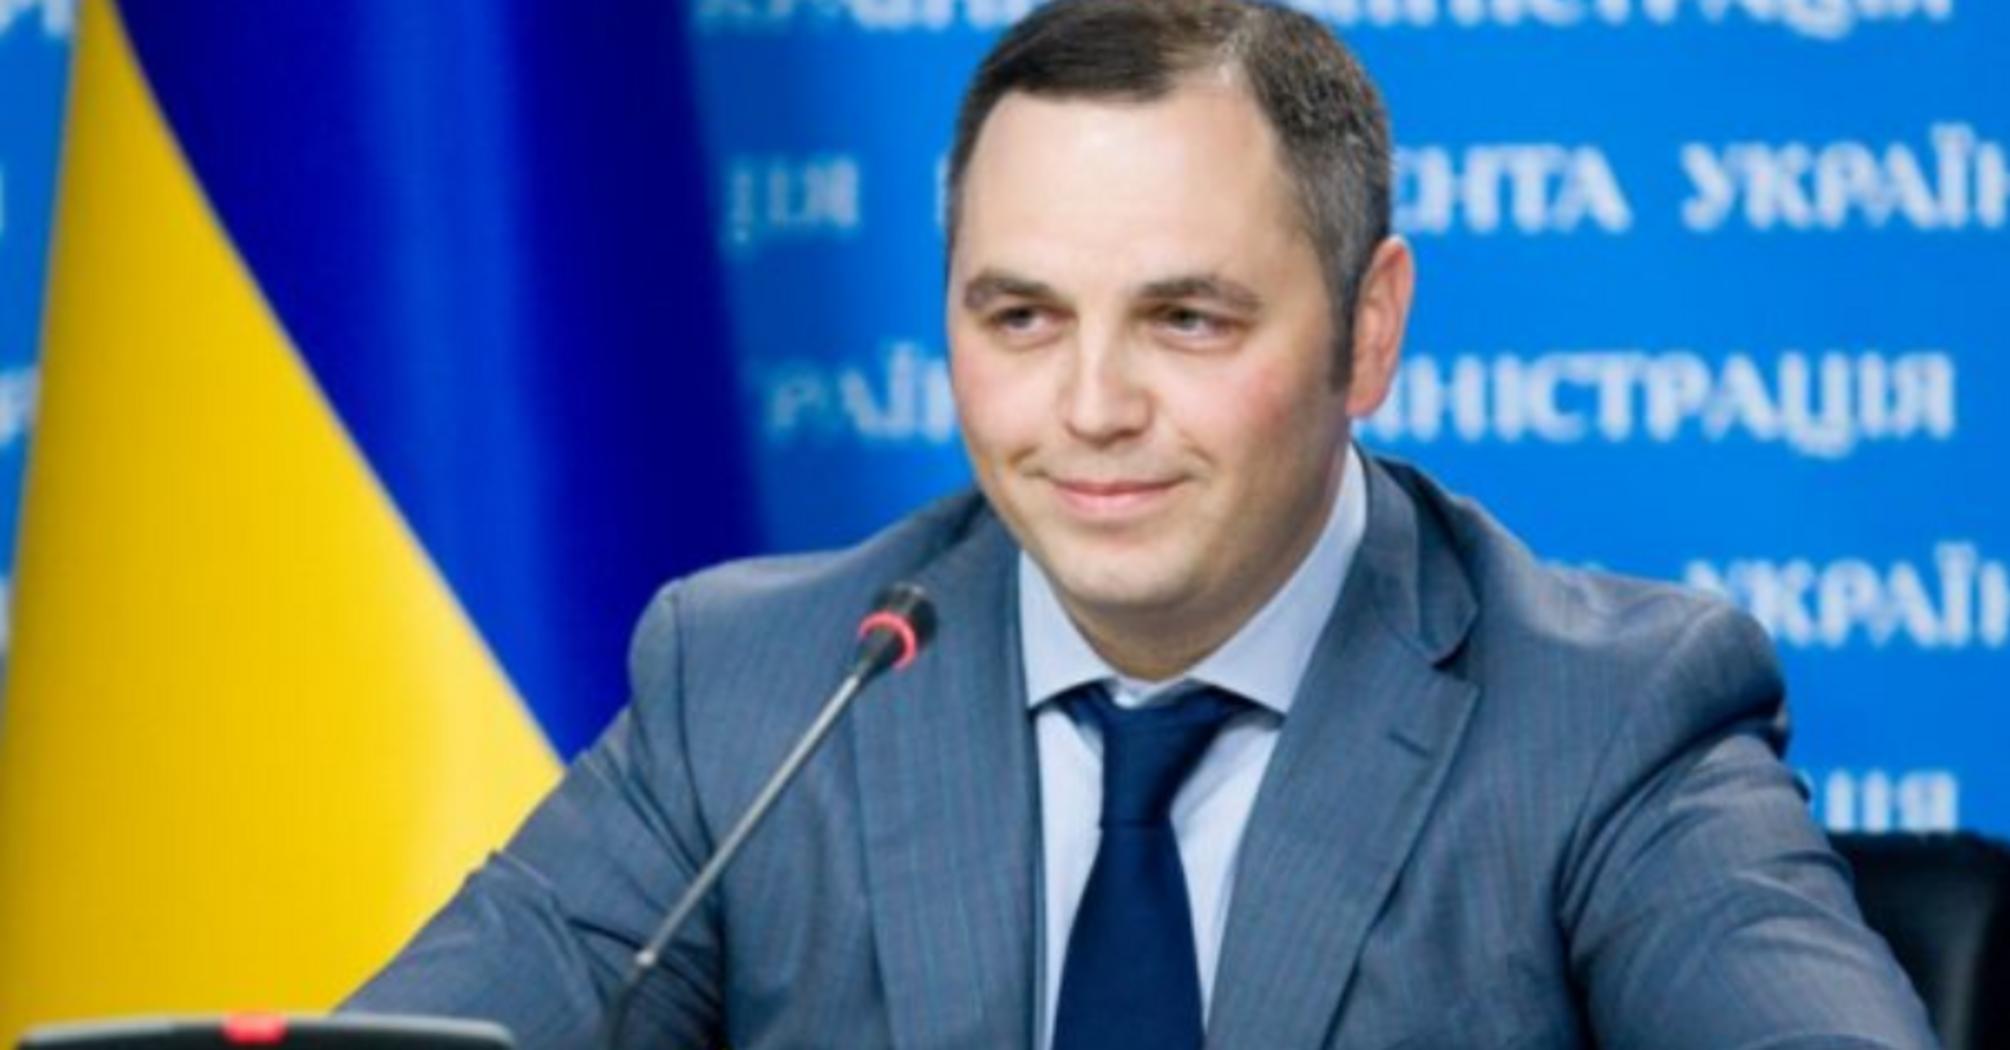 СБУ закрыла дело об угрозах Портнова прокурору